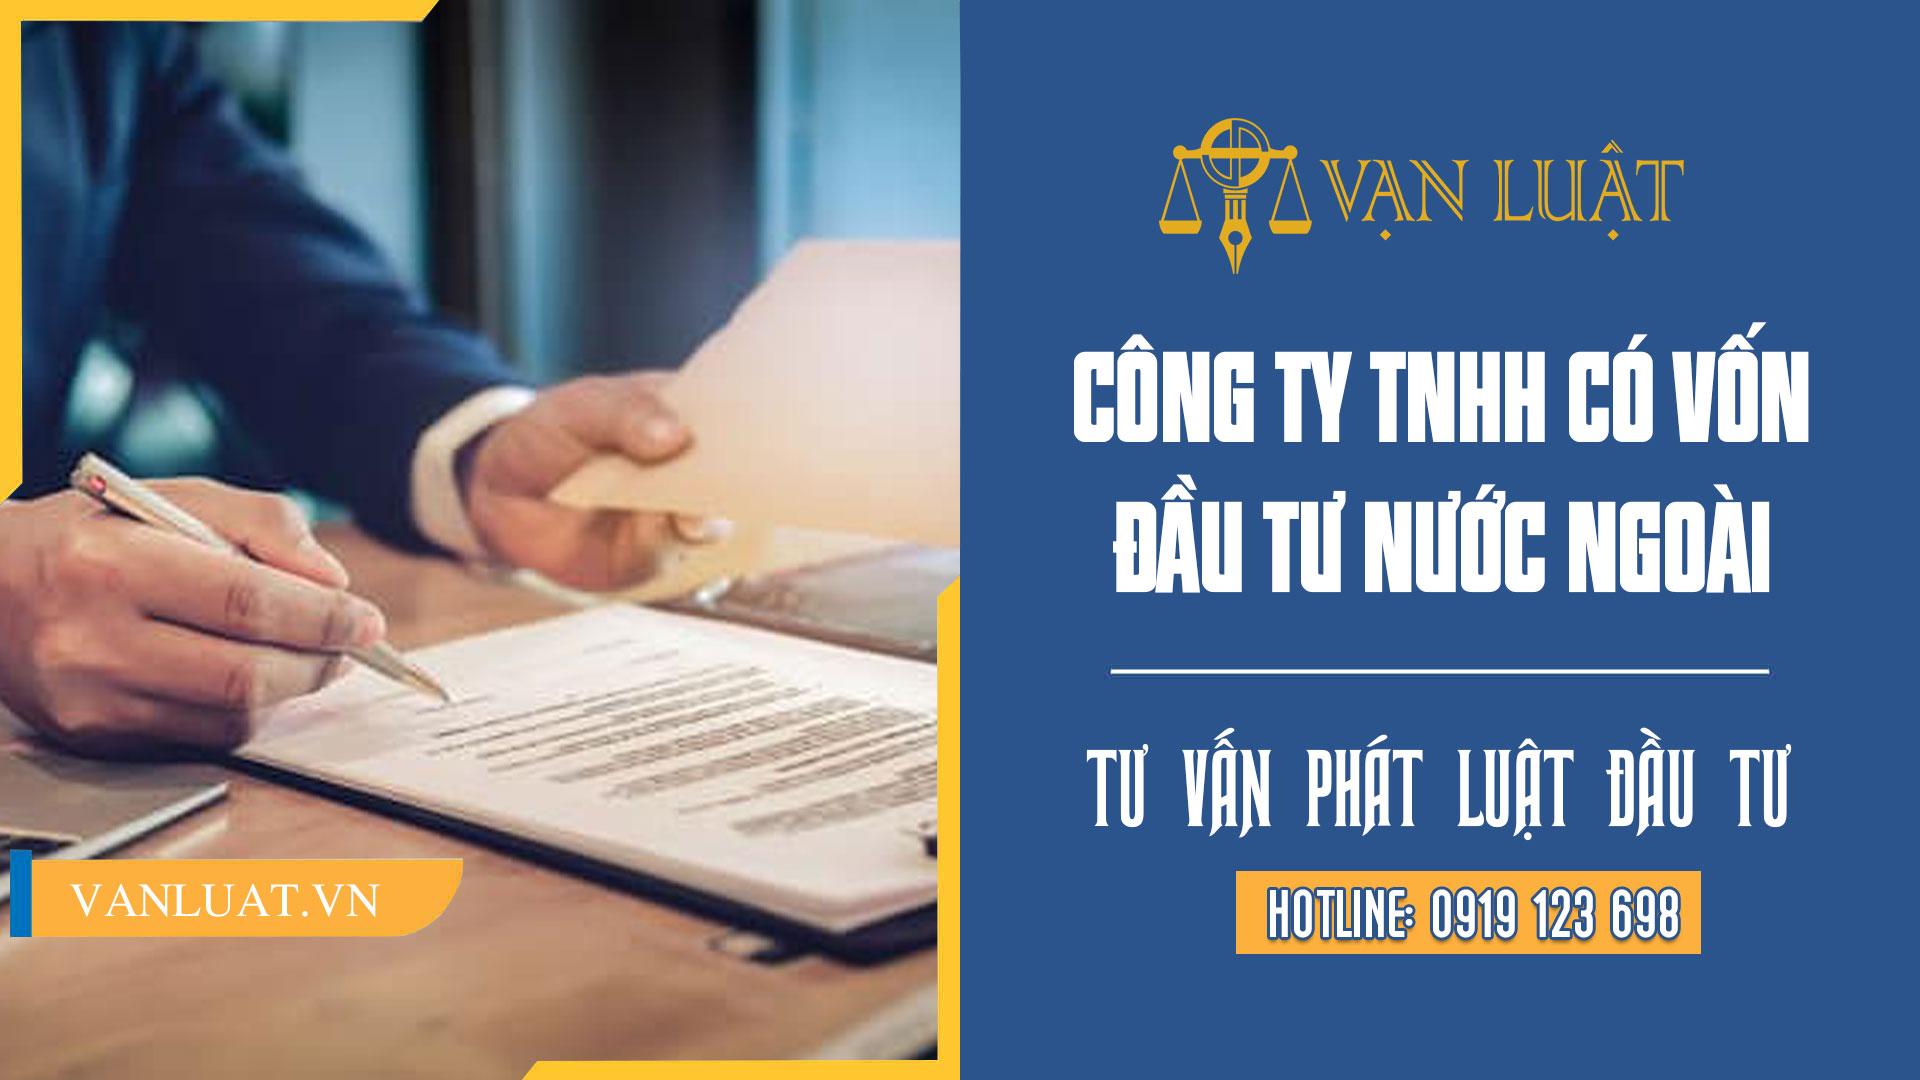 Công ty TNHH có vốn đầu tư nước ngoài tại Việt Nam